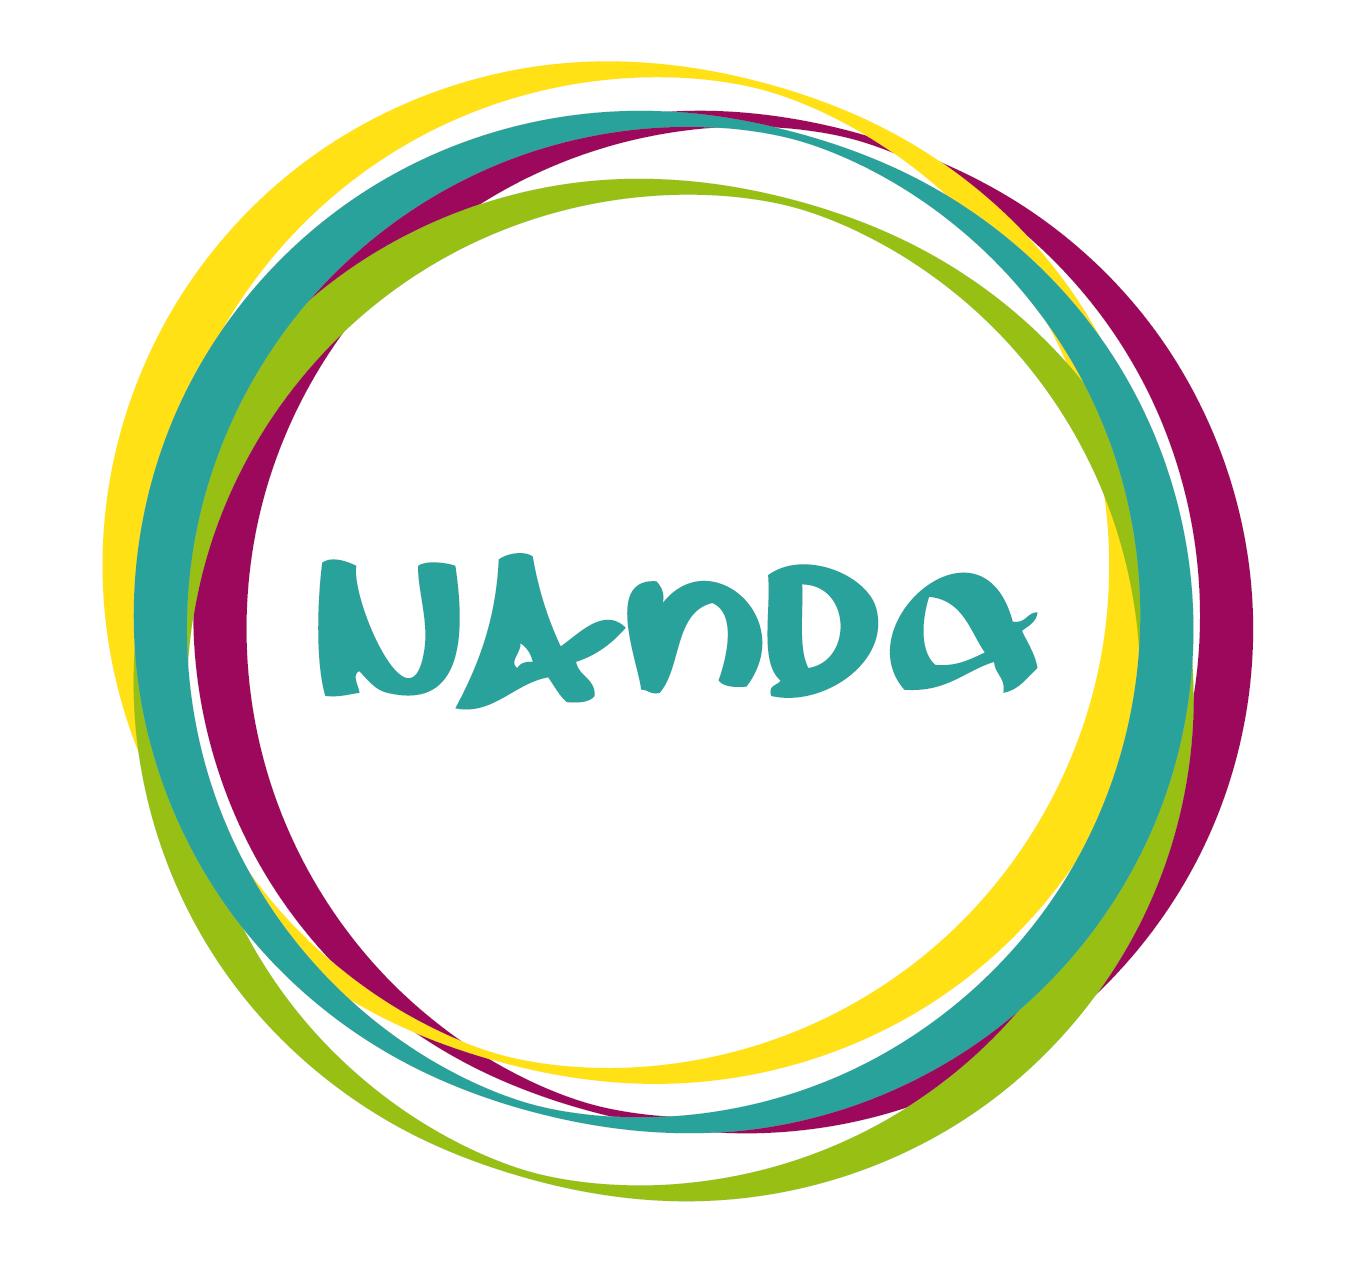 Centro Nanda Logo